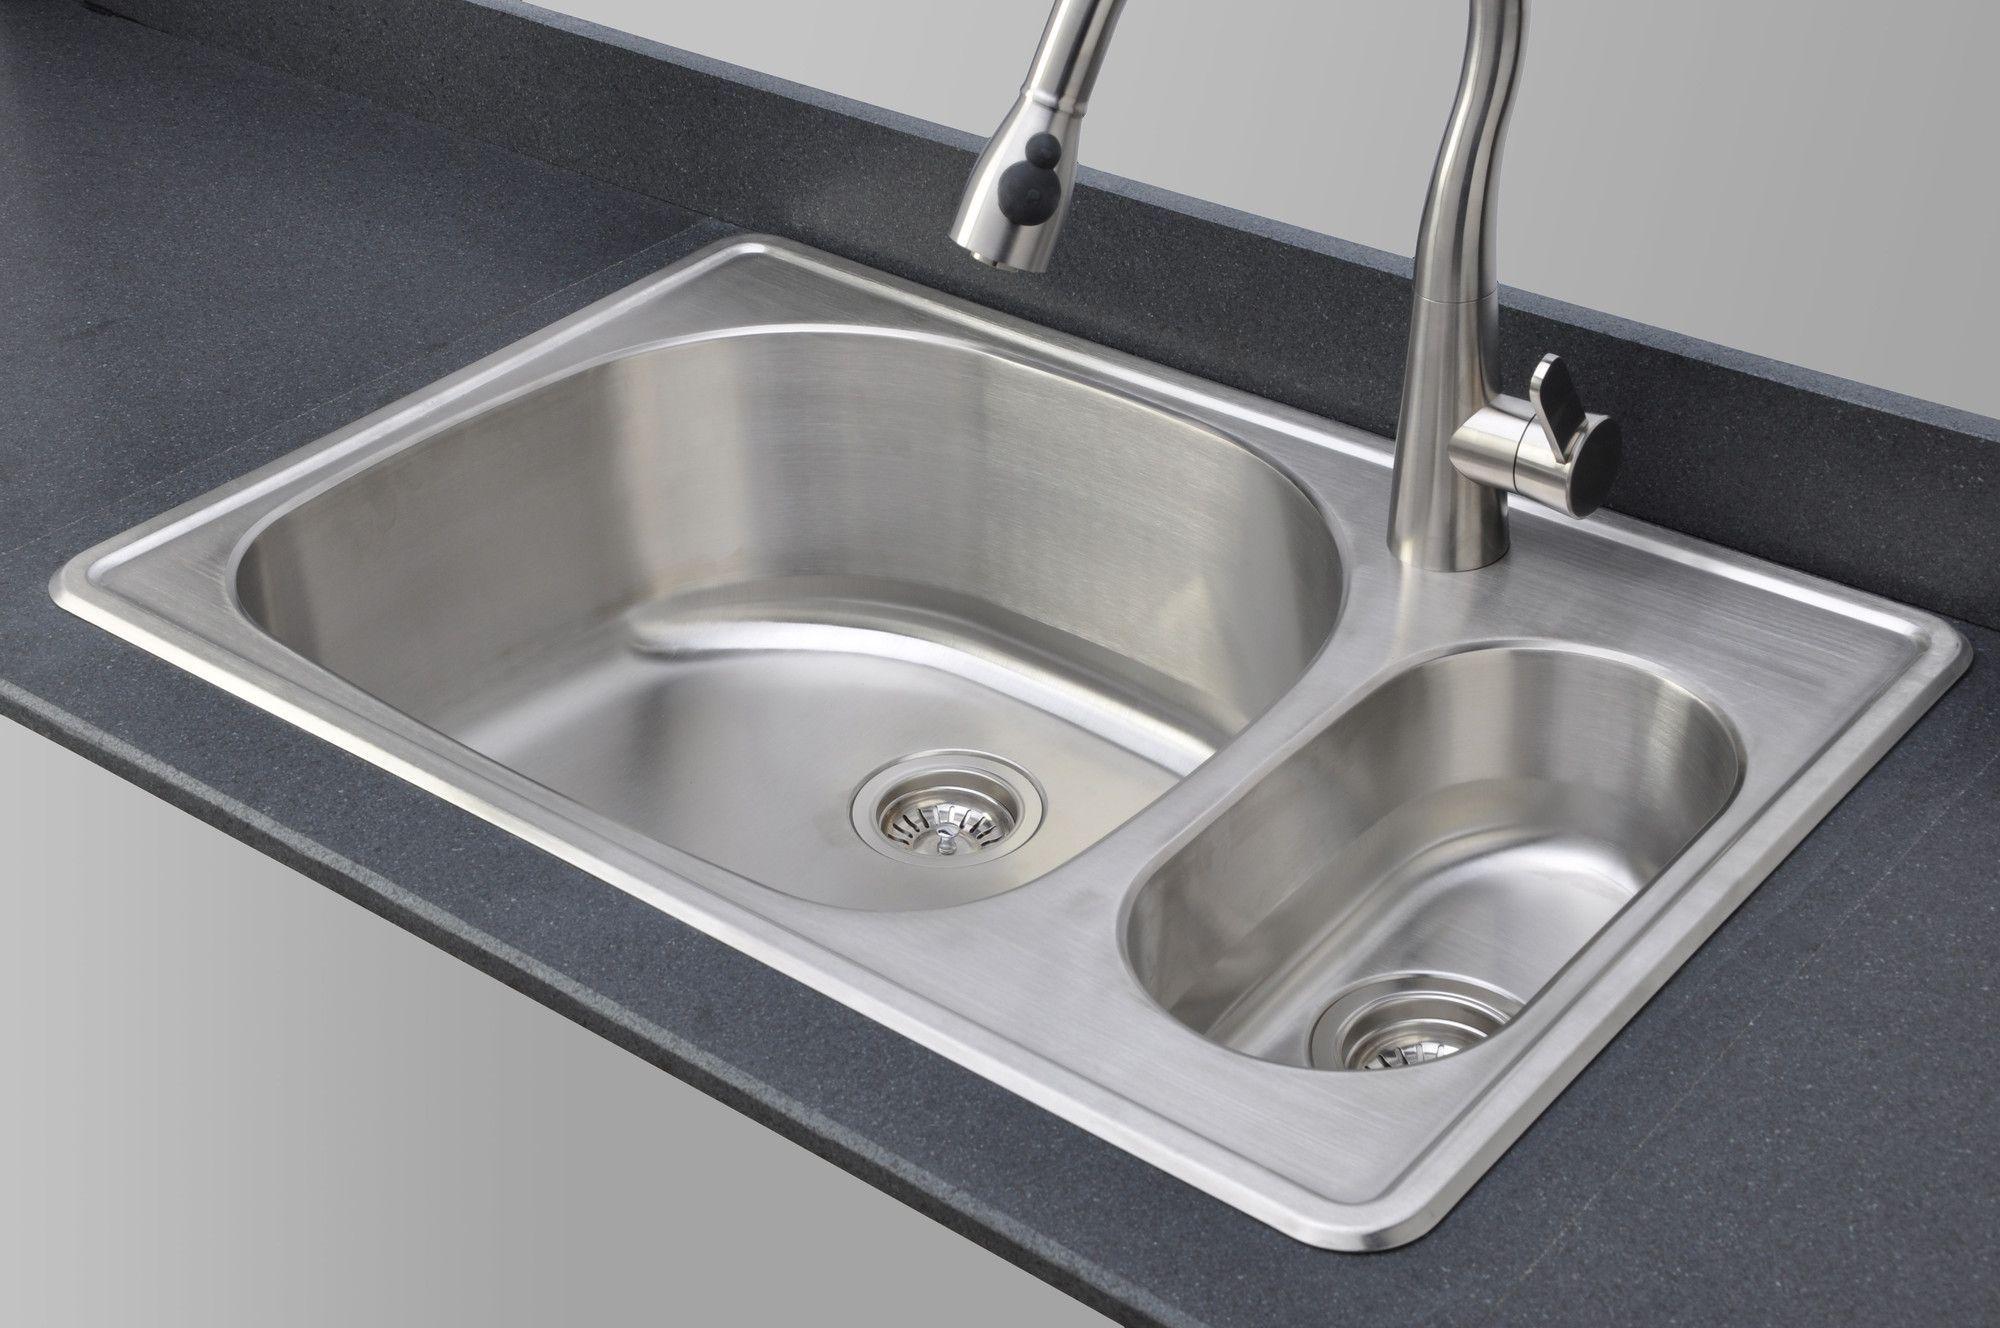 Craftsmen Series 33 X 22 80 20 Topmount Double Bowl Kitchen Sink